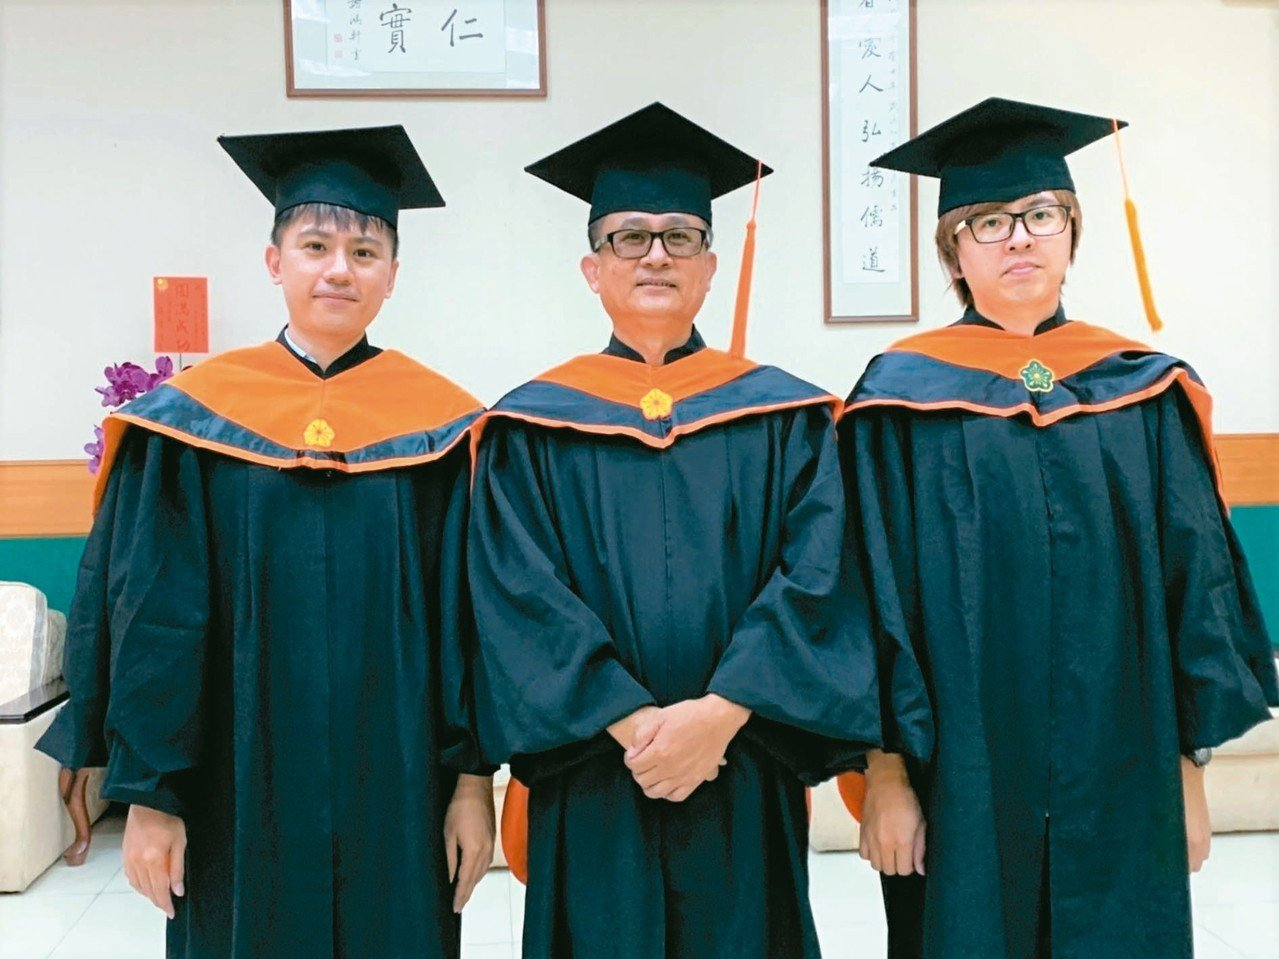 屏科大碩士專班林大本(中)與大兒子林殷(左)、小兒子林正霖(右)昨天一起畢業,一...